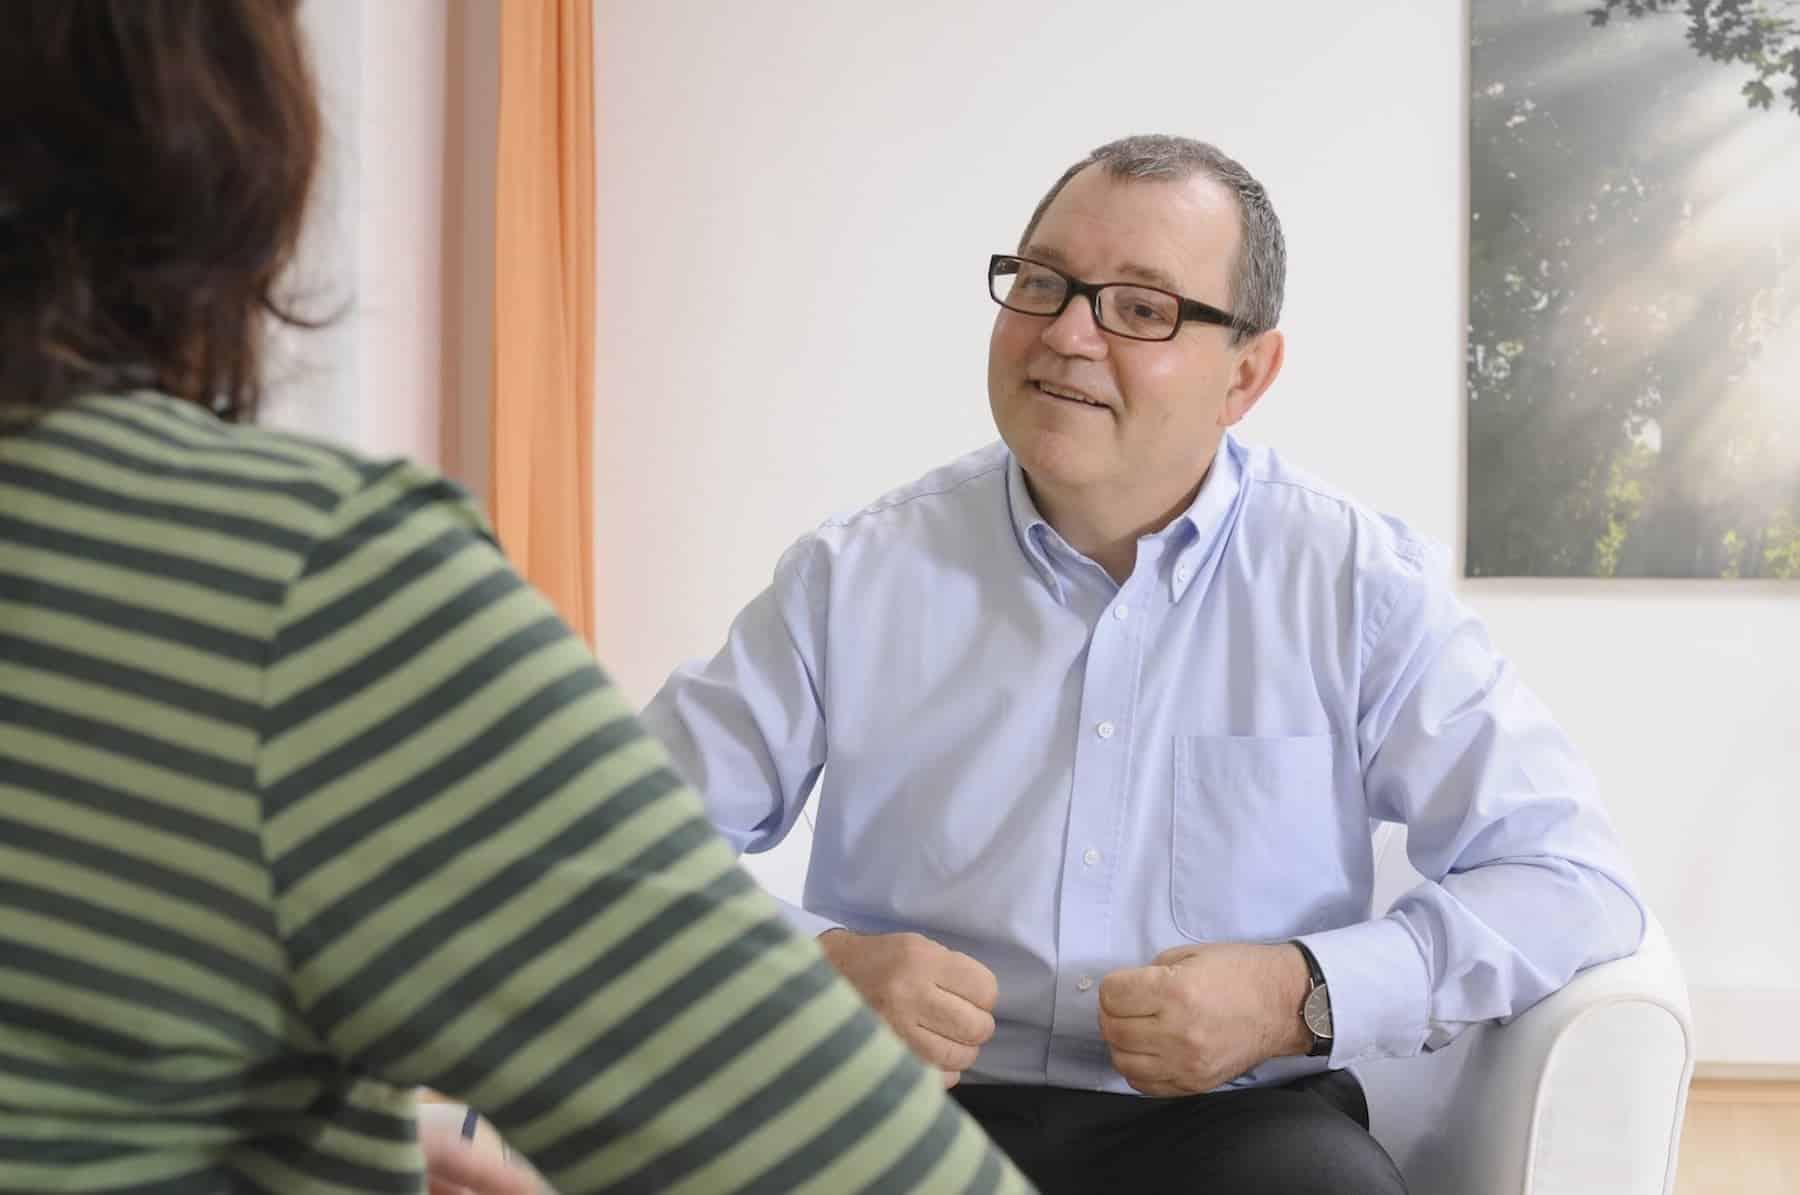 Coaching-Beratung-Persoenliche-Entwicklung-Bernd-Schulte-Koeln